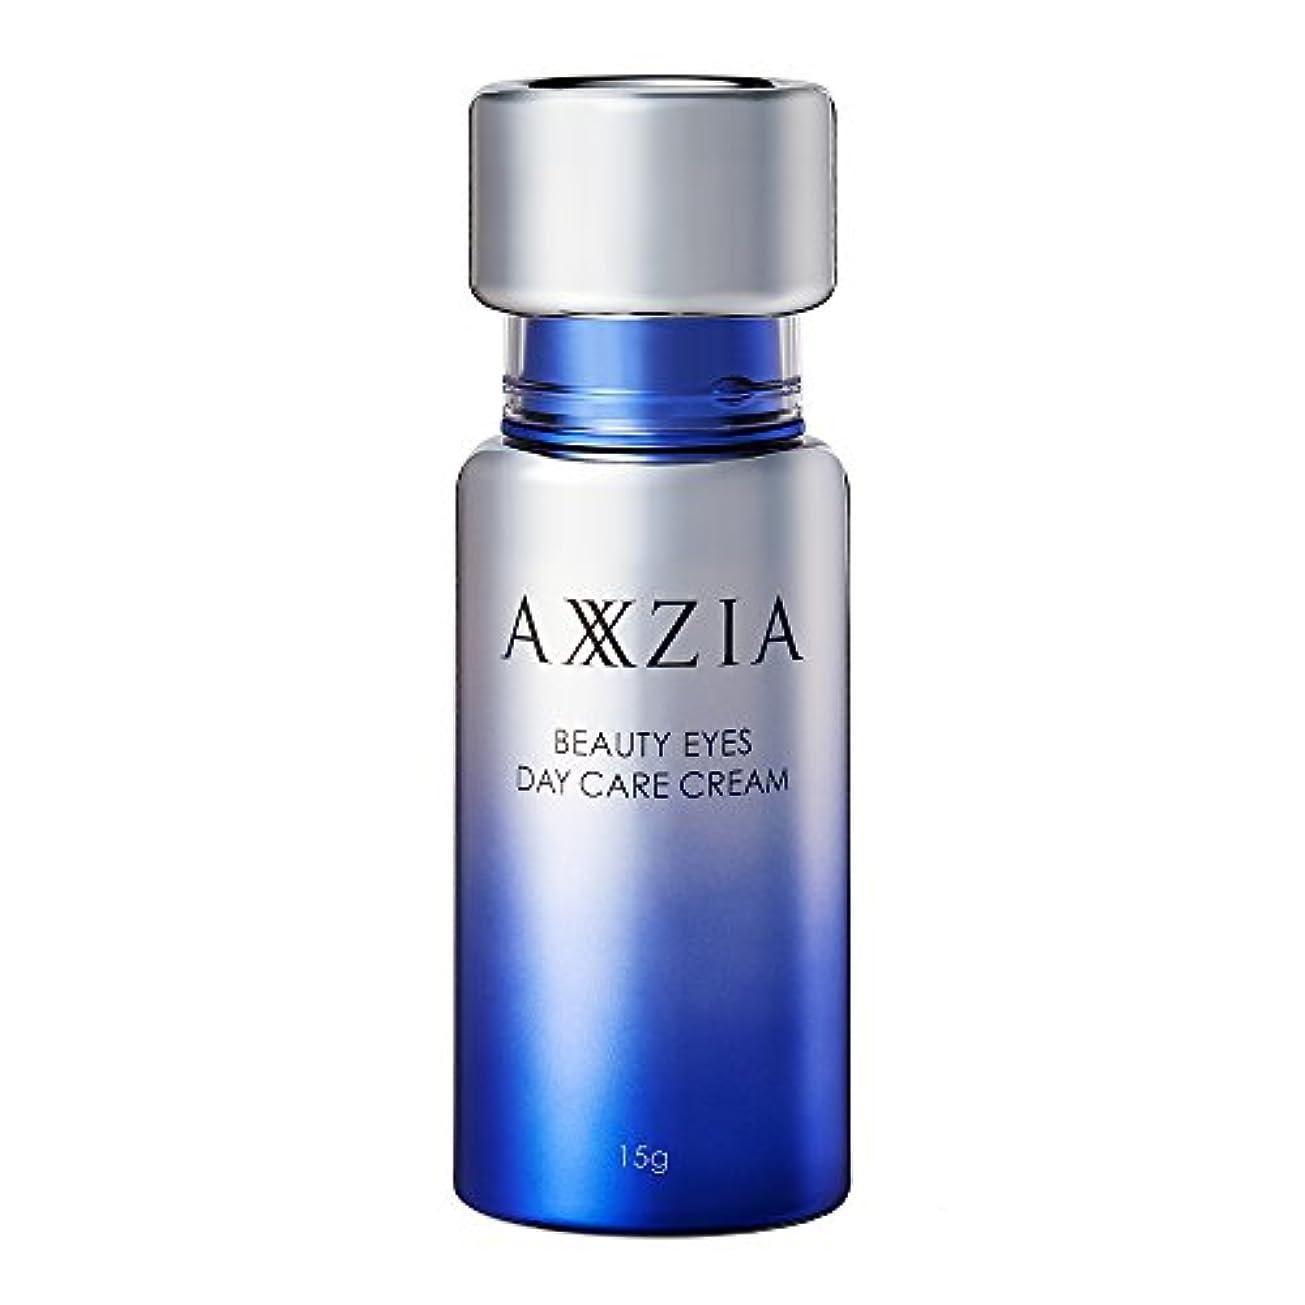 時々時々取り出す悩むアクシージア (AXXZIA) ビューティアイズ デイ ケア クリーム 15g | アイクリーム 目の下のたるみ 化粧品 解消 目元のたるみ